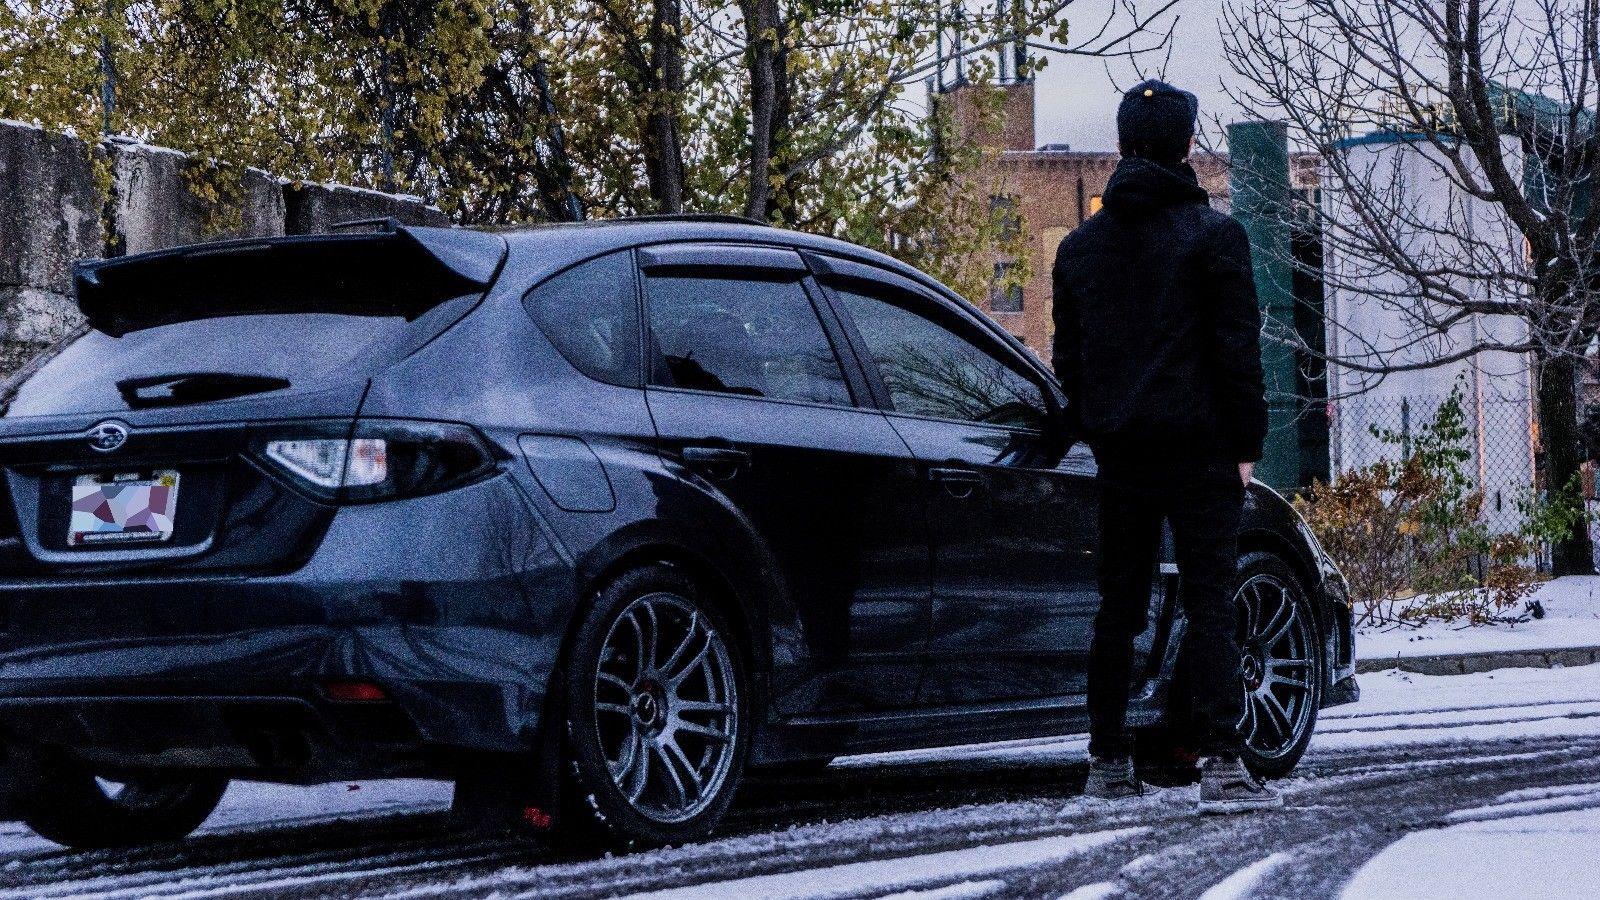 Great 2017 Subaru Impreza Wrx Hatchback Premium 2018